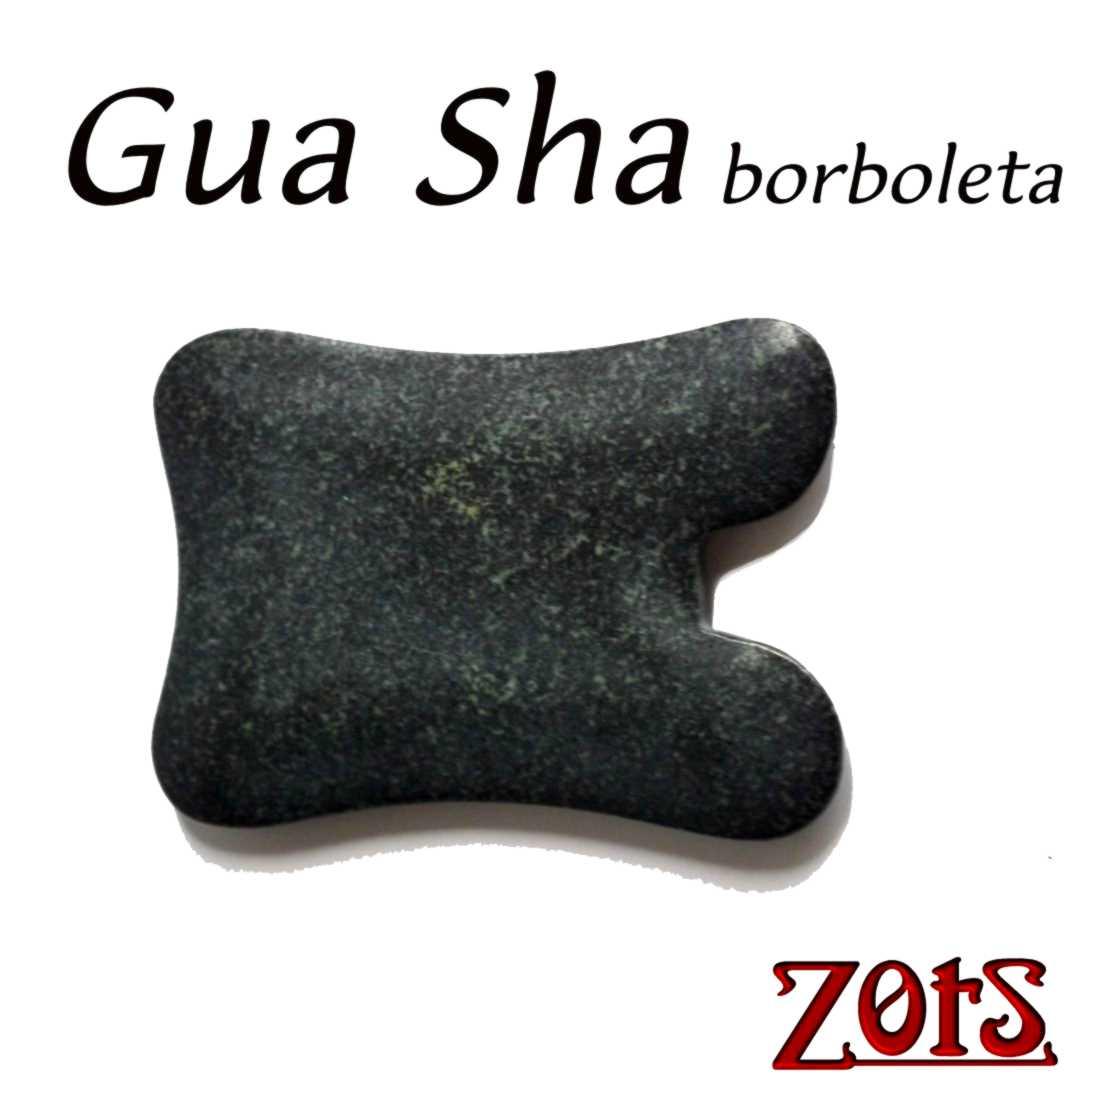 GuaShá borboleta  -  Zots